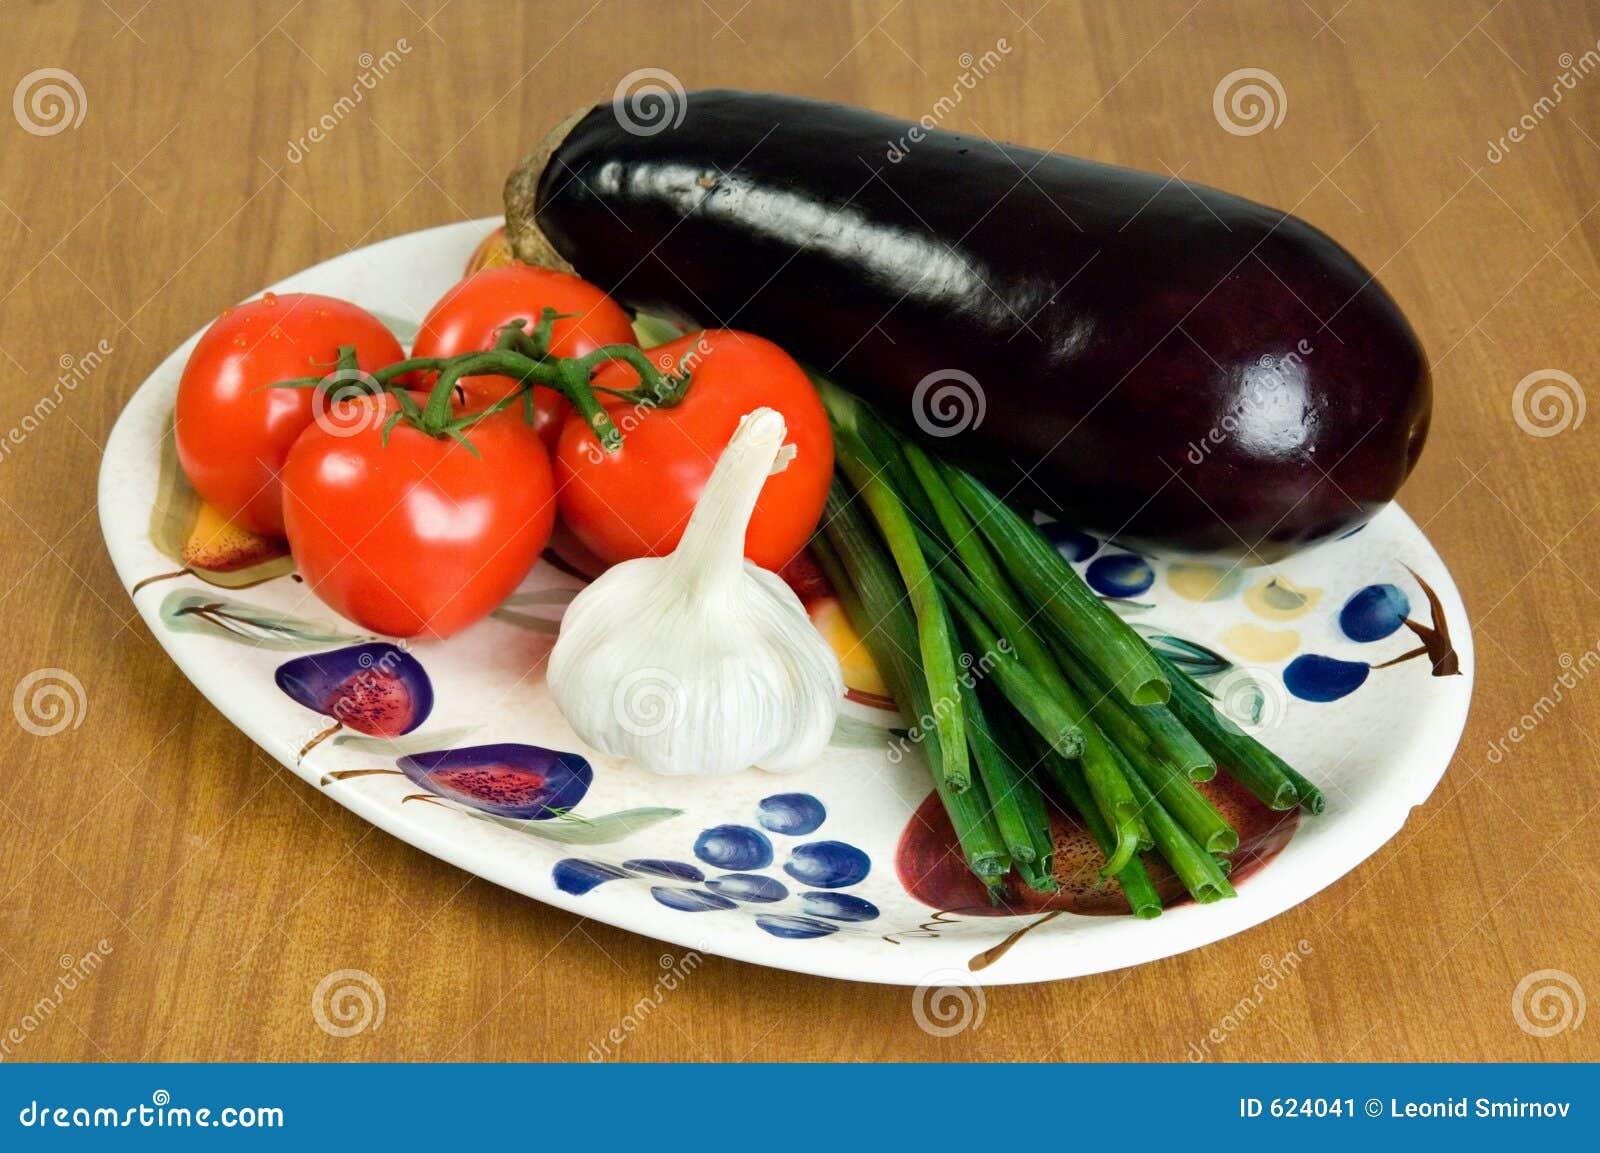 Selectie van verse groenten op een plaat 1.